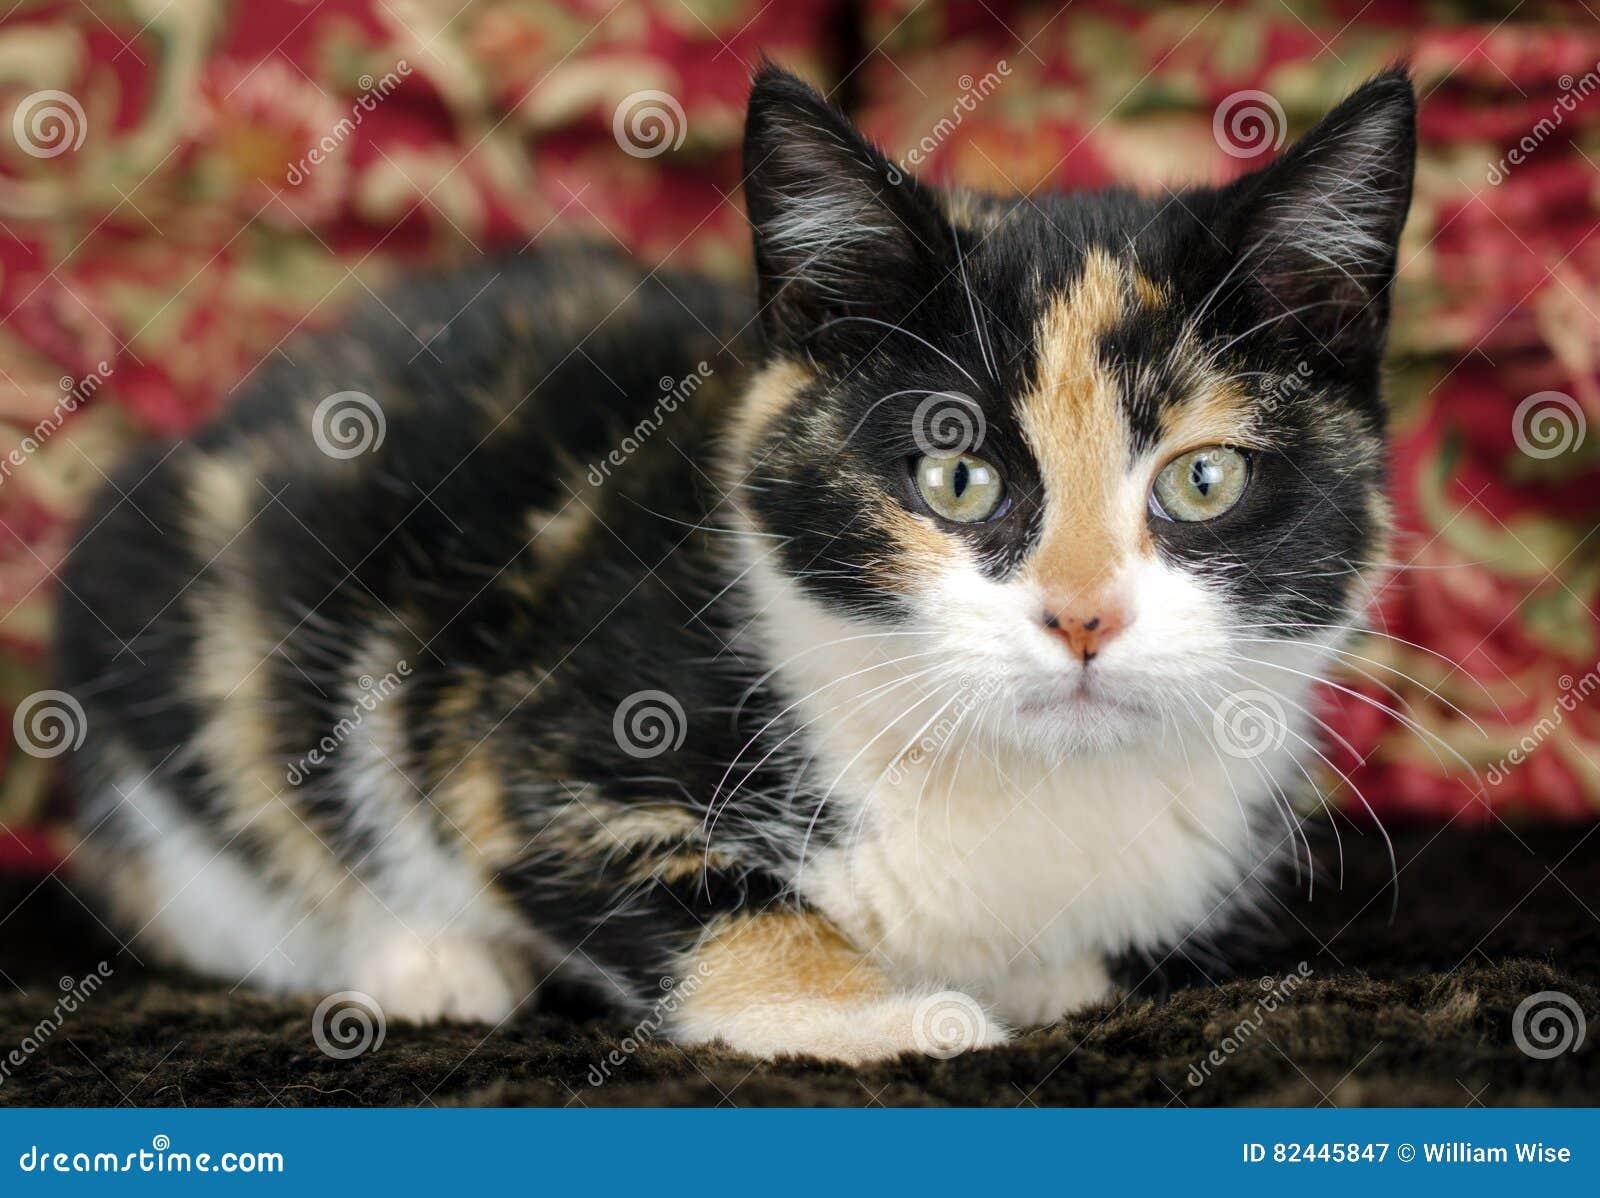 Calico Kitten Adoption Walton County Animal Control Stock